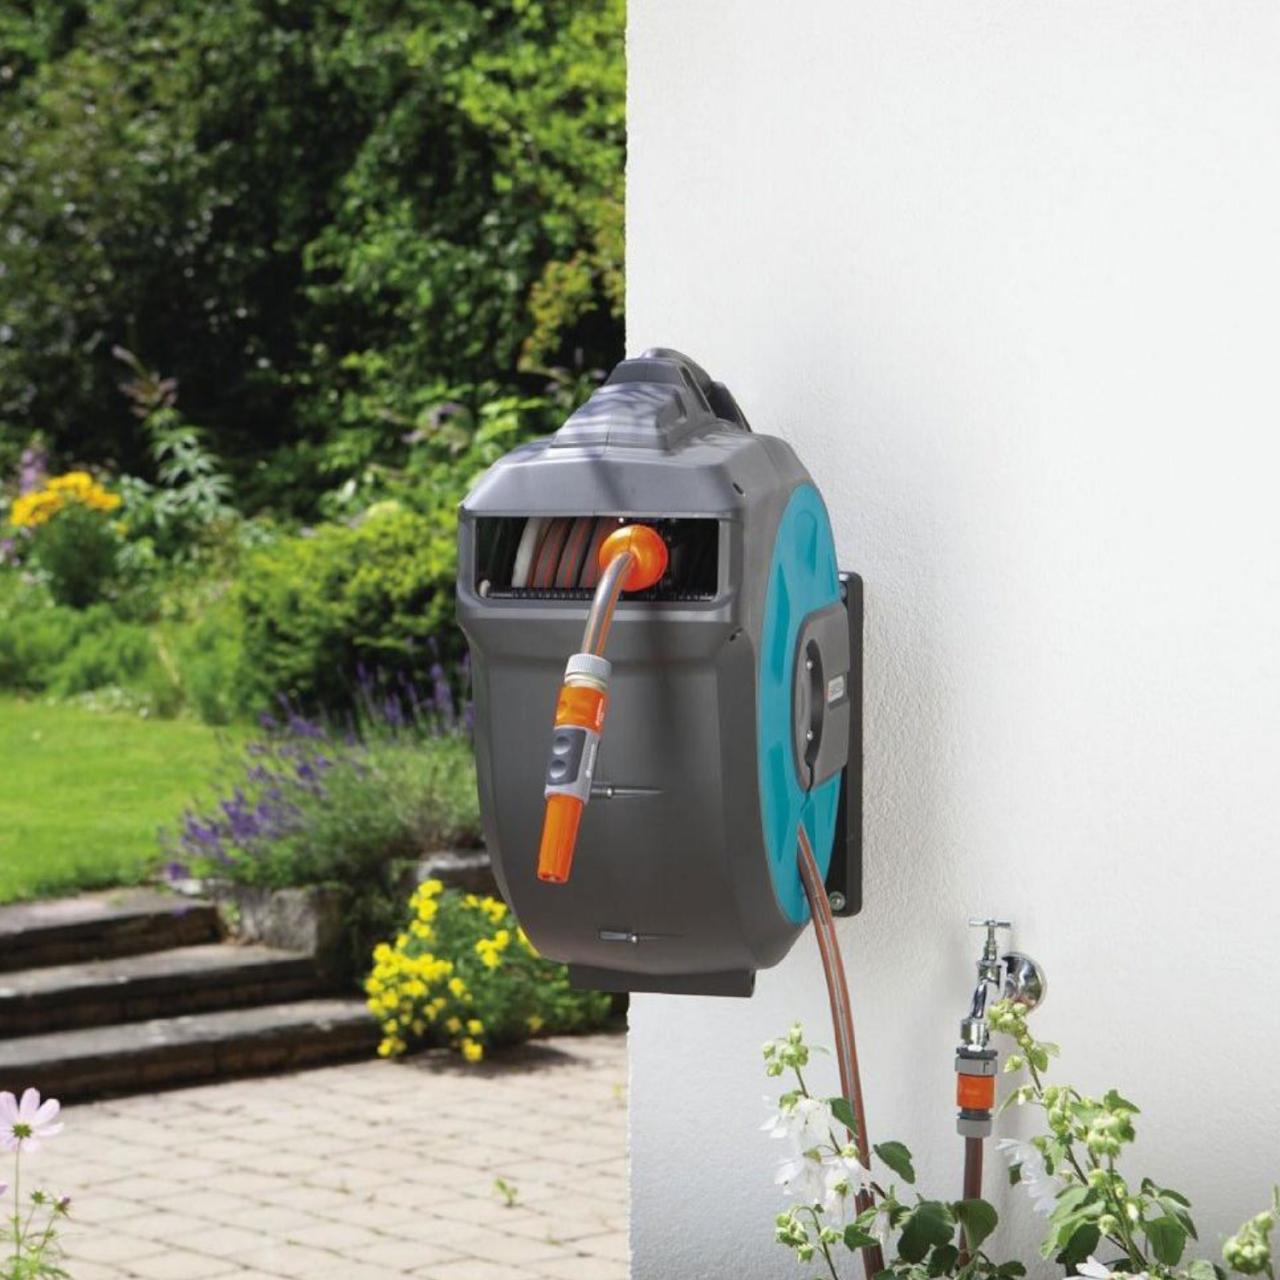 Gardena 8024-20 Wand-Schlauchbox 35 roll-up automatic Schlauchtrommel Wand 35m